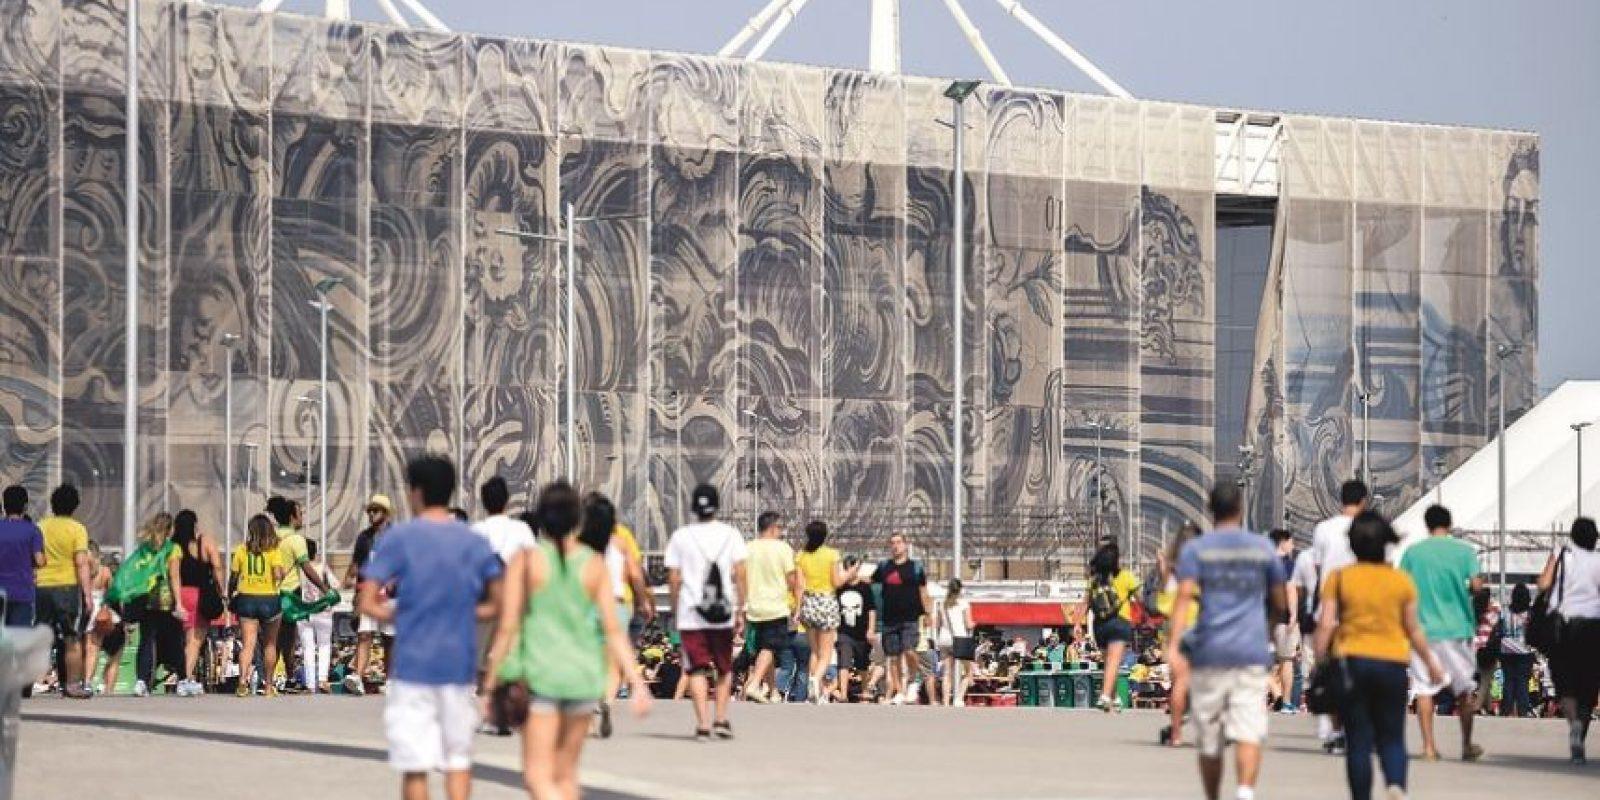 Ventana rota de la cobertura del Estadio Acuático (diseño de la artista Adriana Varejao), por segunda vez. Foto:erbs jr./ Metro Rio